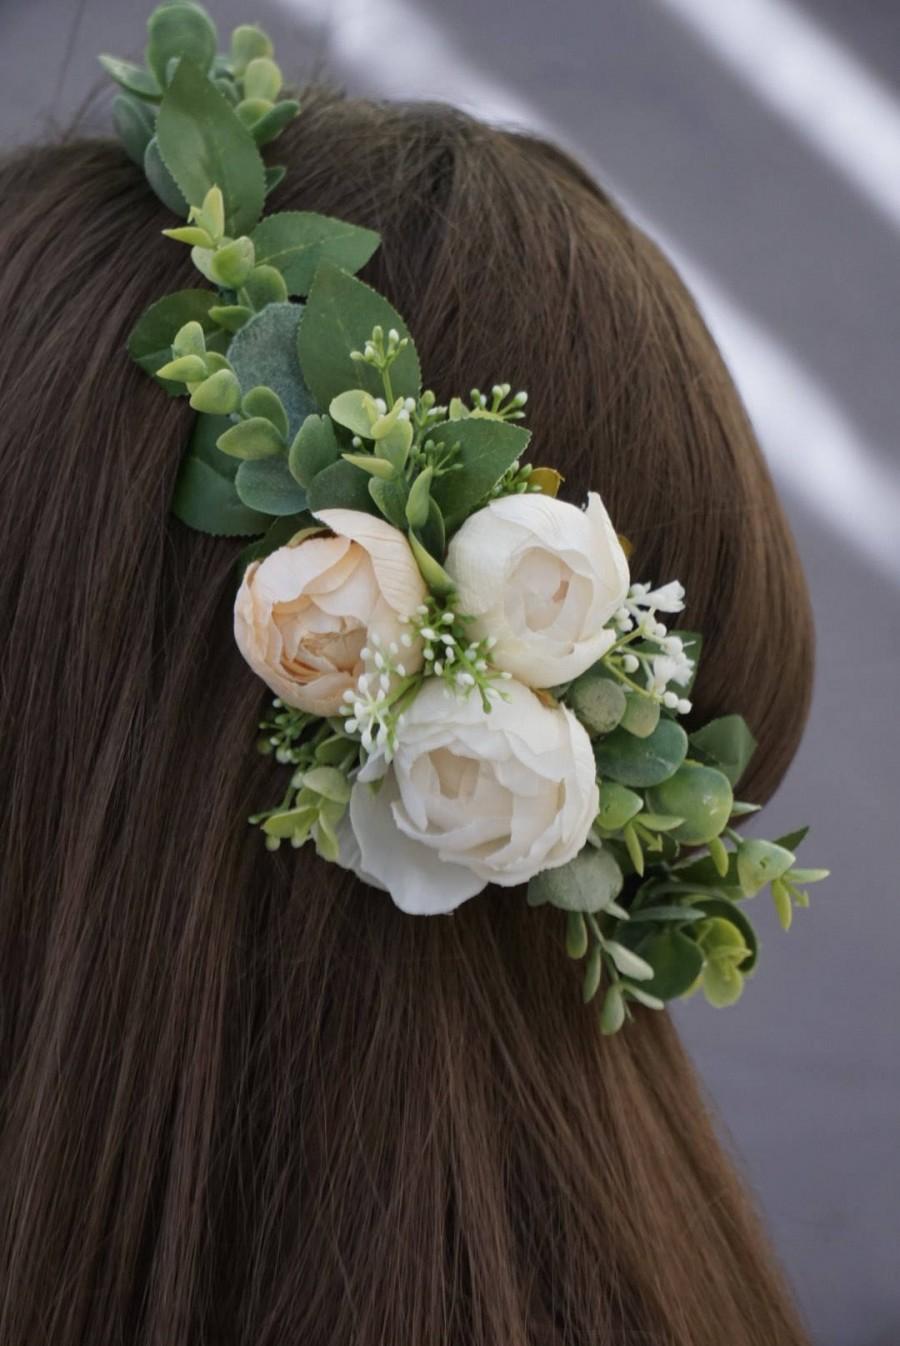 Flower crown flower crown wedding greenery headband bridal flower flower crown flower crown wedding greenery headband bridal flower crown blush floral crown izmirmasajfo